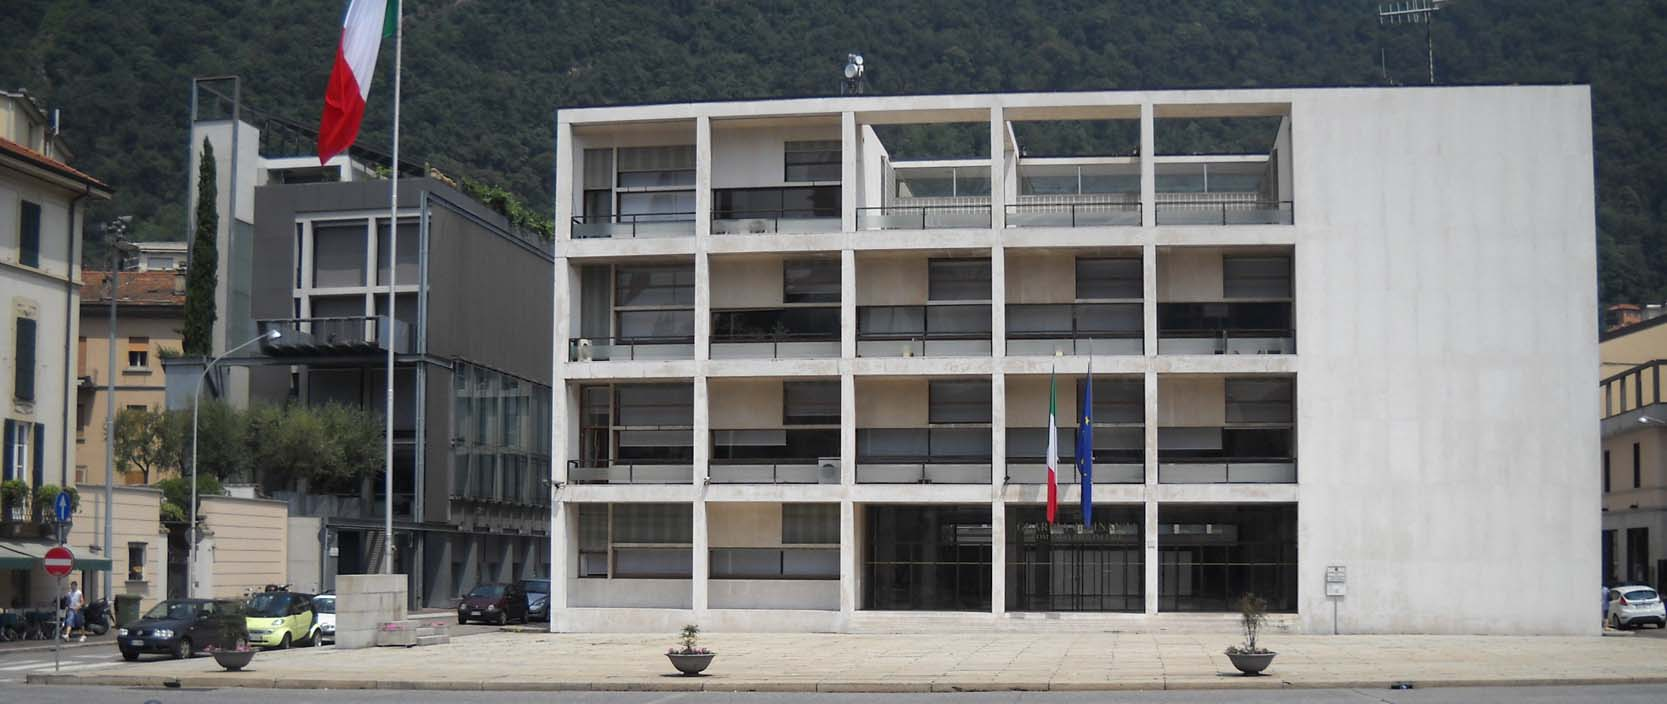 Giuseppe terragni la casa del fascio arquitectura for Giuseppe terragni casa del fascio